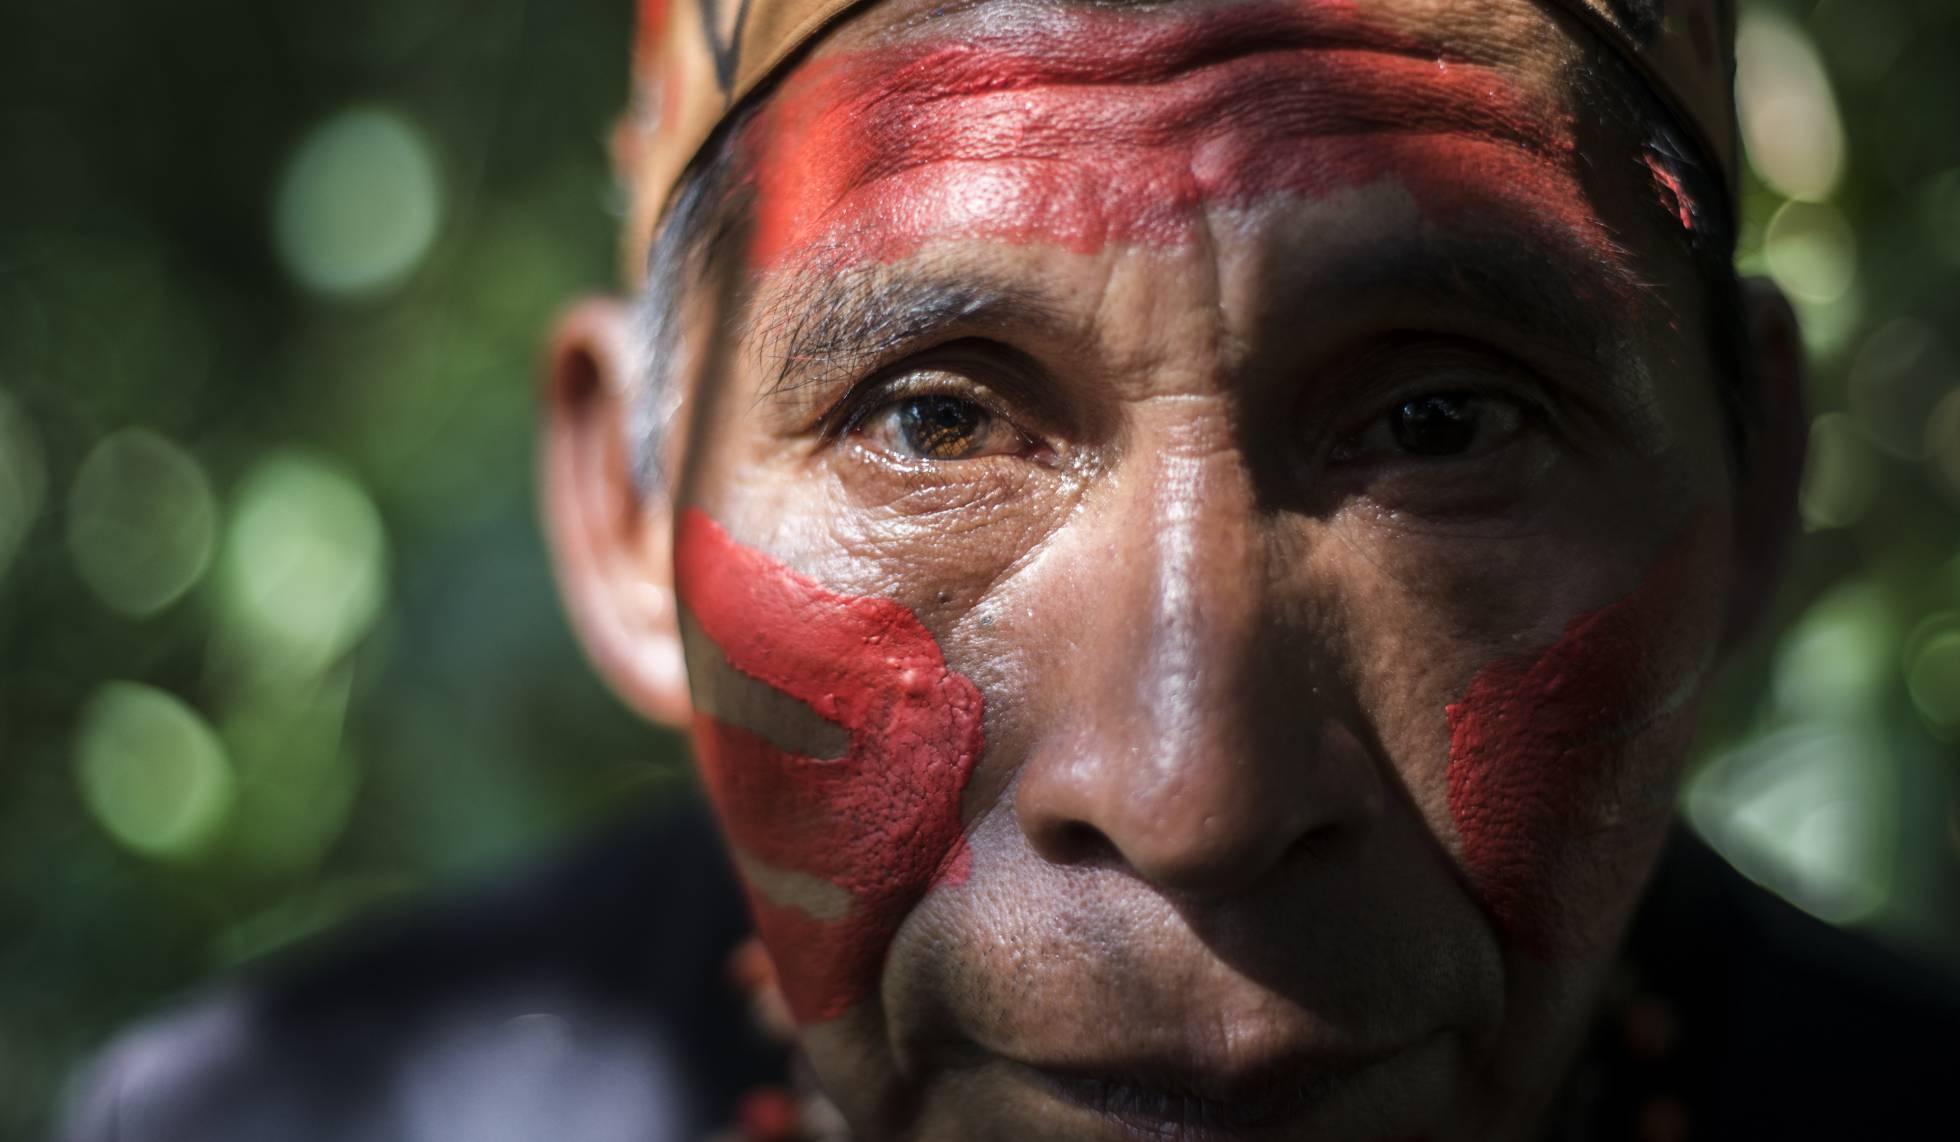 Nace el primer fondo global para apoyar demandas territoriales de los pueblos indígenas